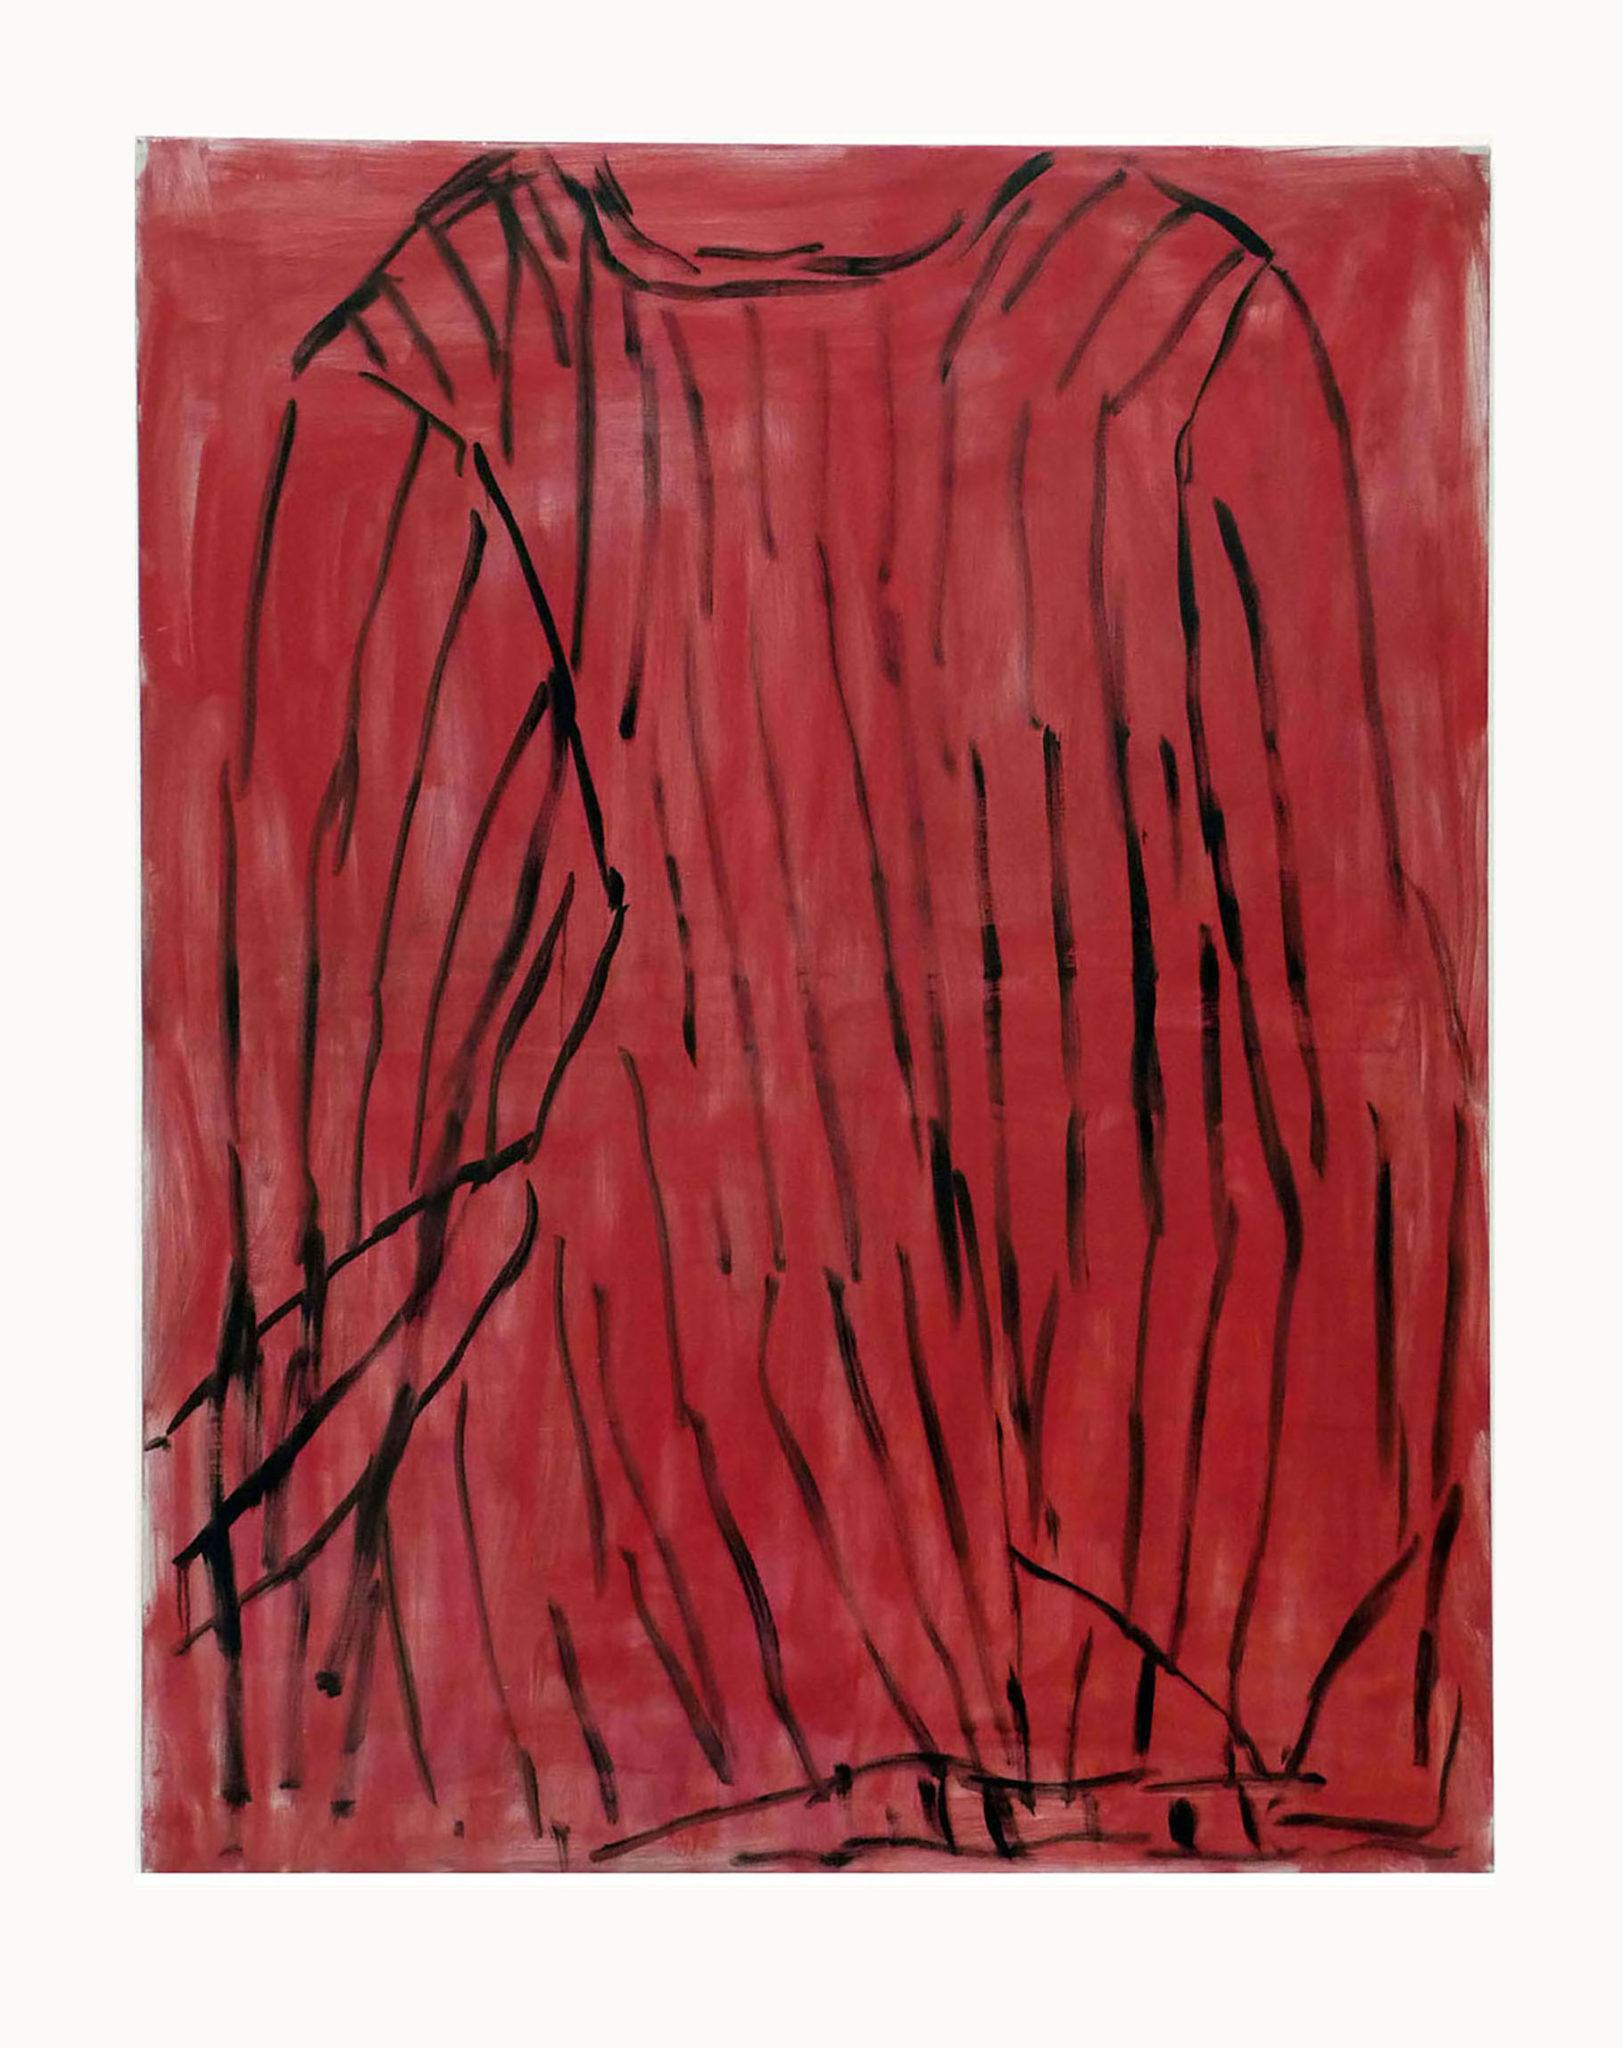 Marie Claude Bugeaud, galerie Berthet-Aittouarès, le pull rouge dans l'atelier-2011-huile sur toile-146x114cm